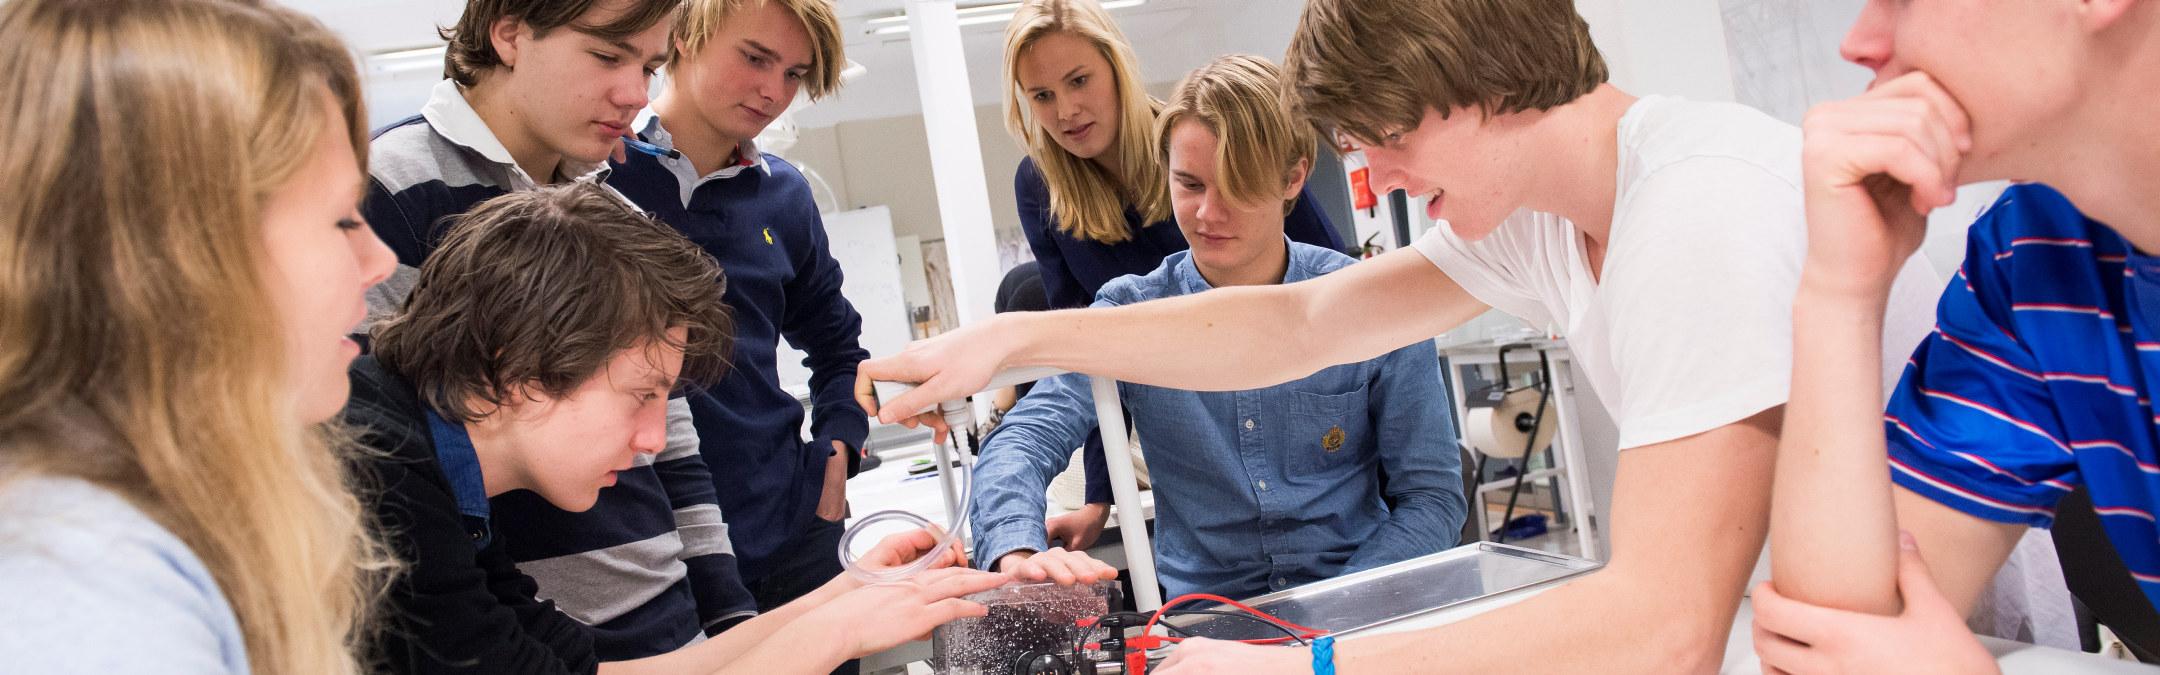 Ungdommer jobber med et eksperiment i en fysikktime. Foto